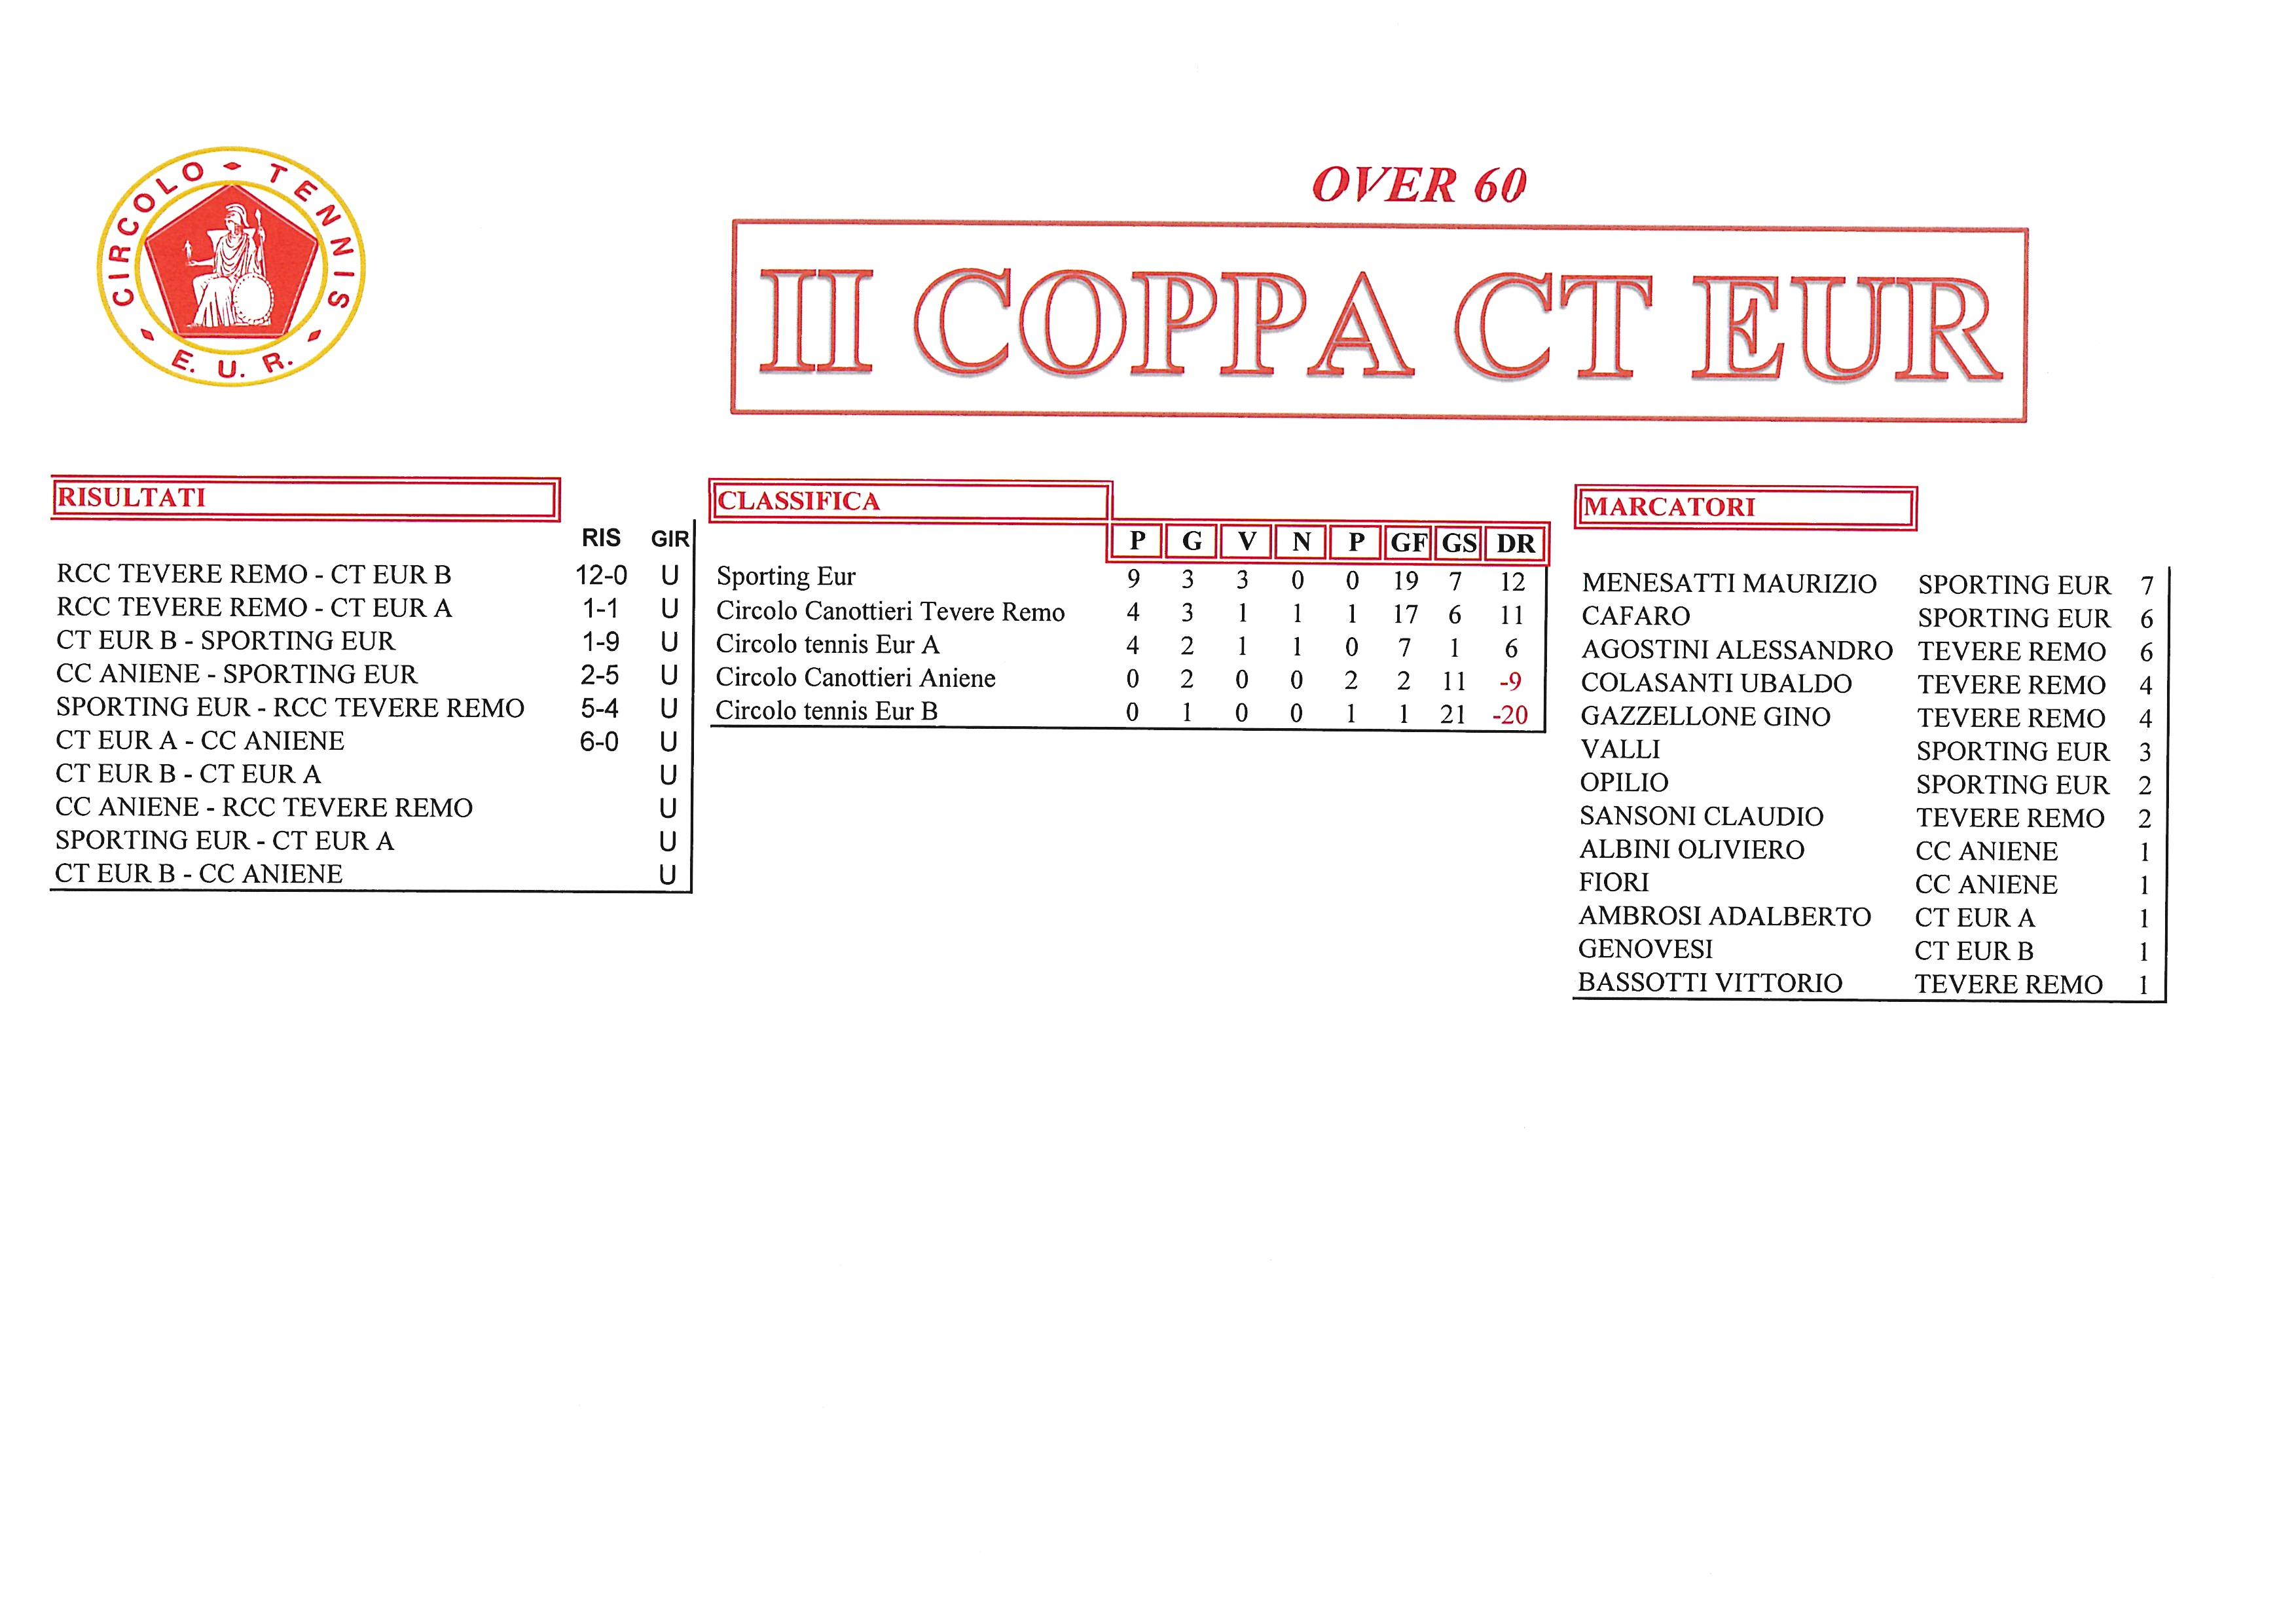 Coppa CT Eur risultati del 29 settembre 2017 Over 60